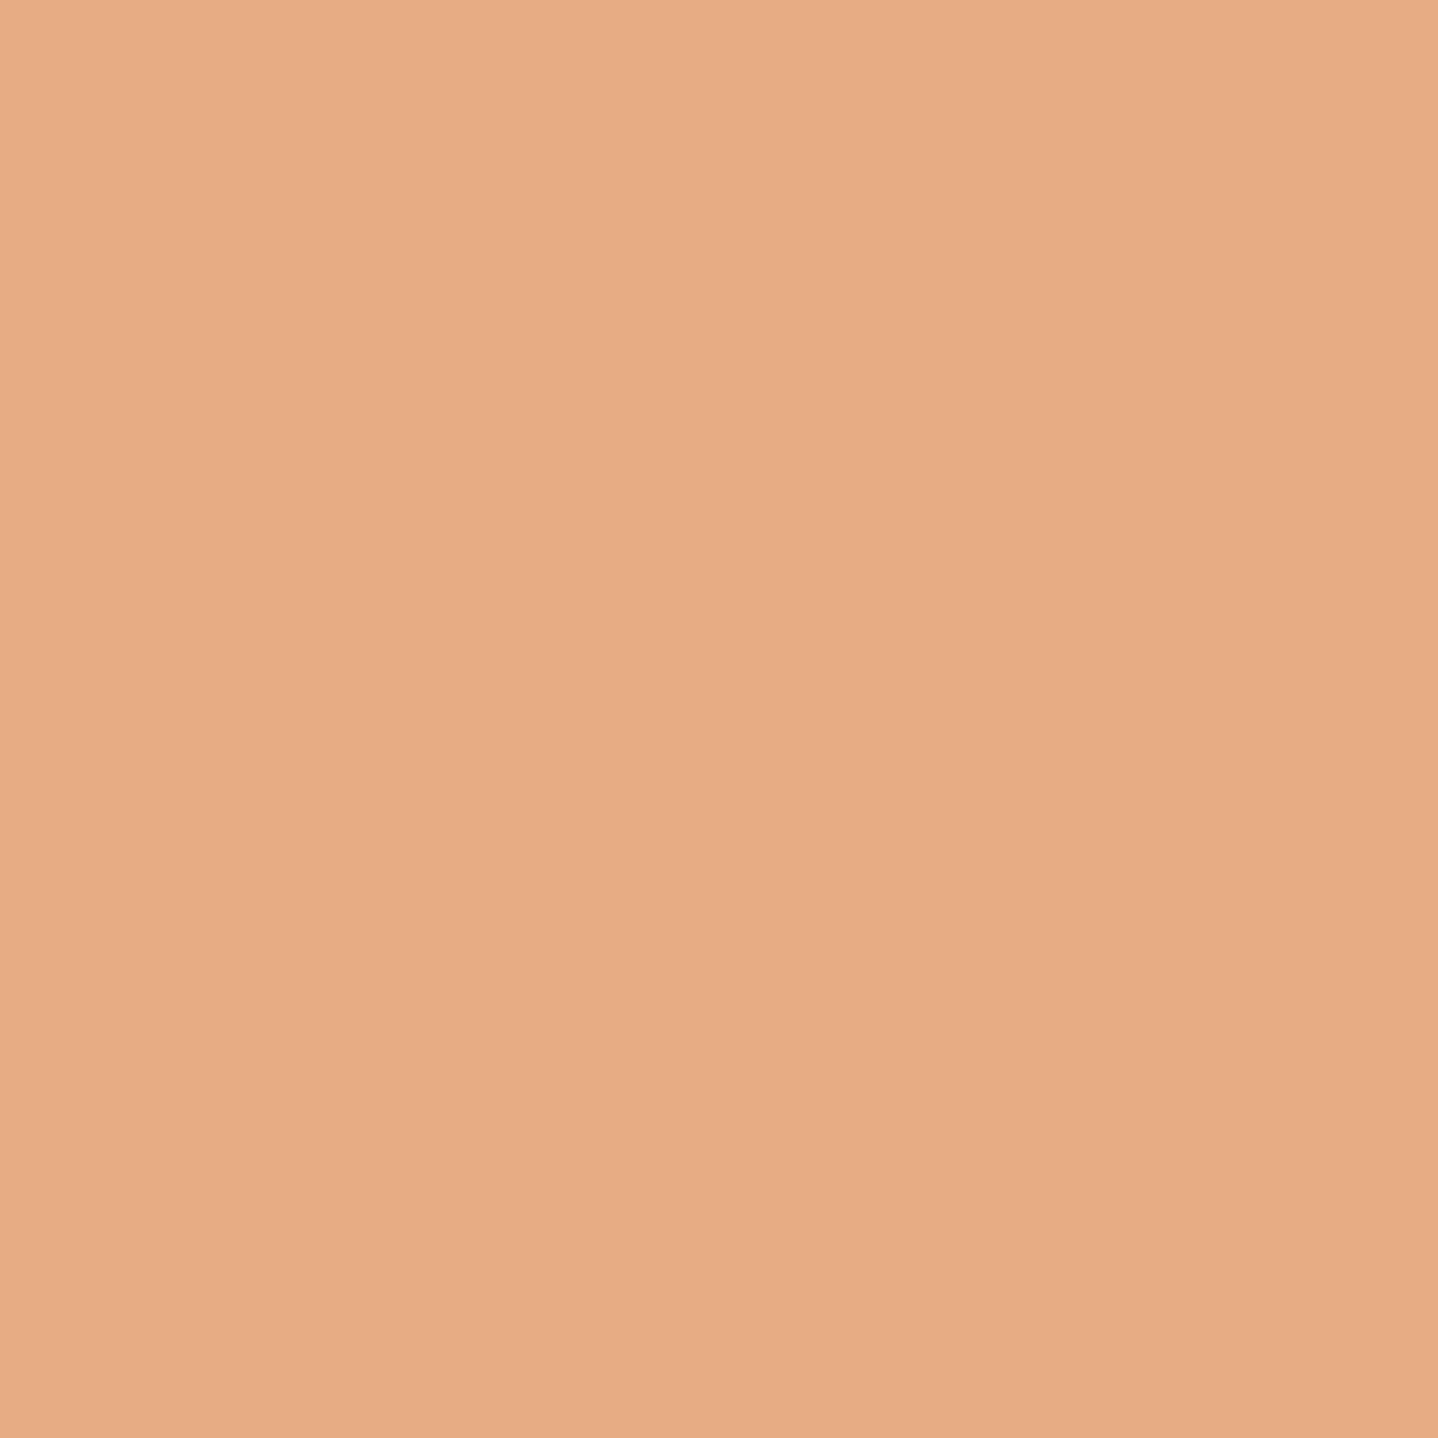 ハードウェアビクターダッシュSANMIMORE(サンミモレ化粧品) UVパクト 56号ライトピンク (レフィル 替パフ付)